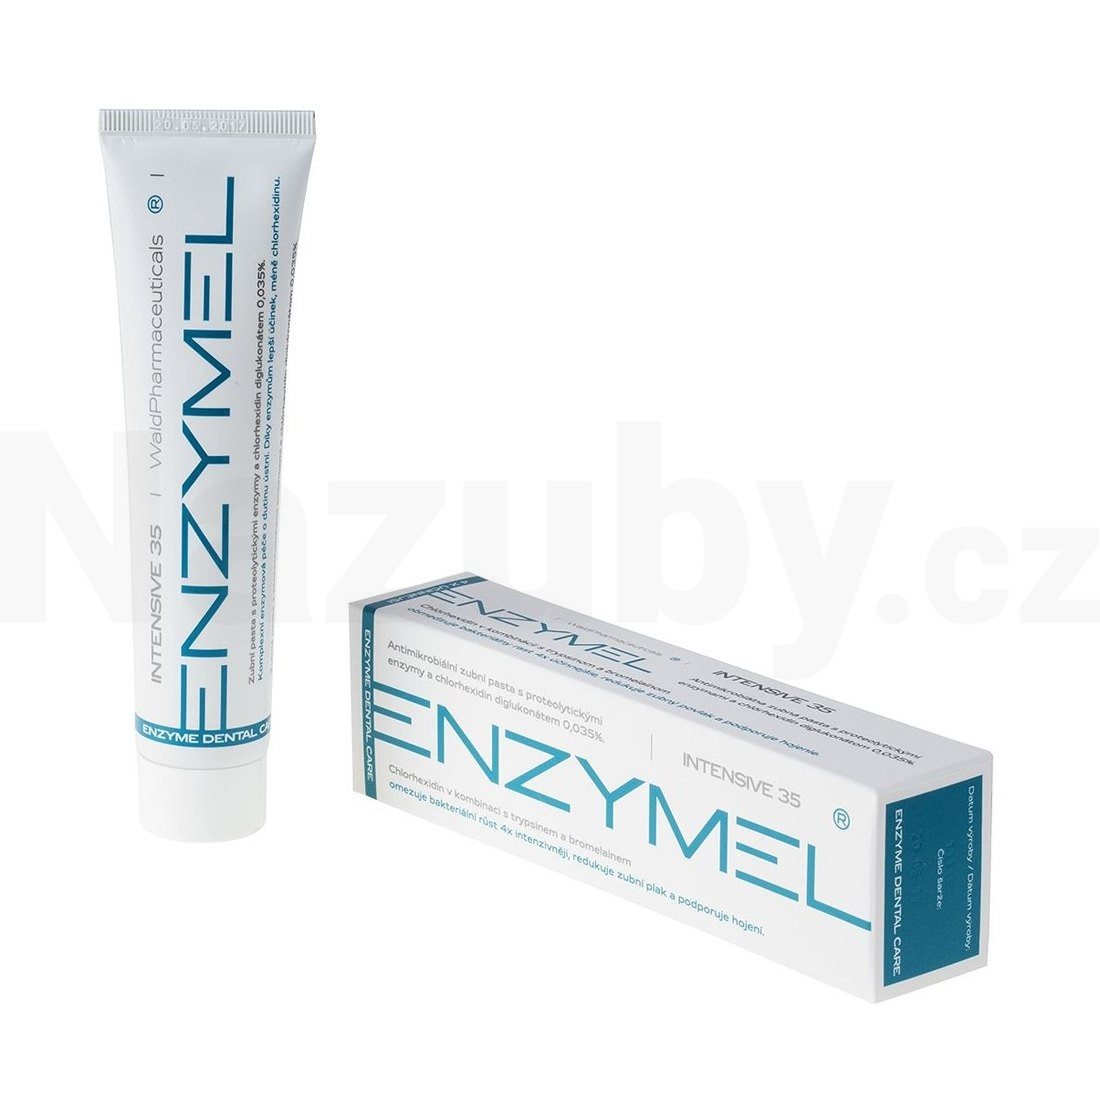 Fotografie Enzymel Intensive 35 antimikrob. zubní pasta 75ml